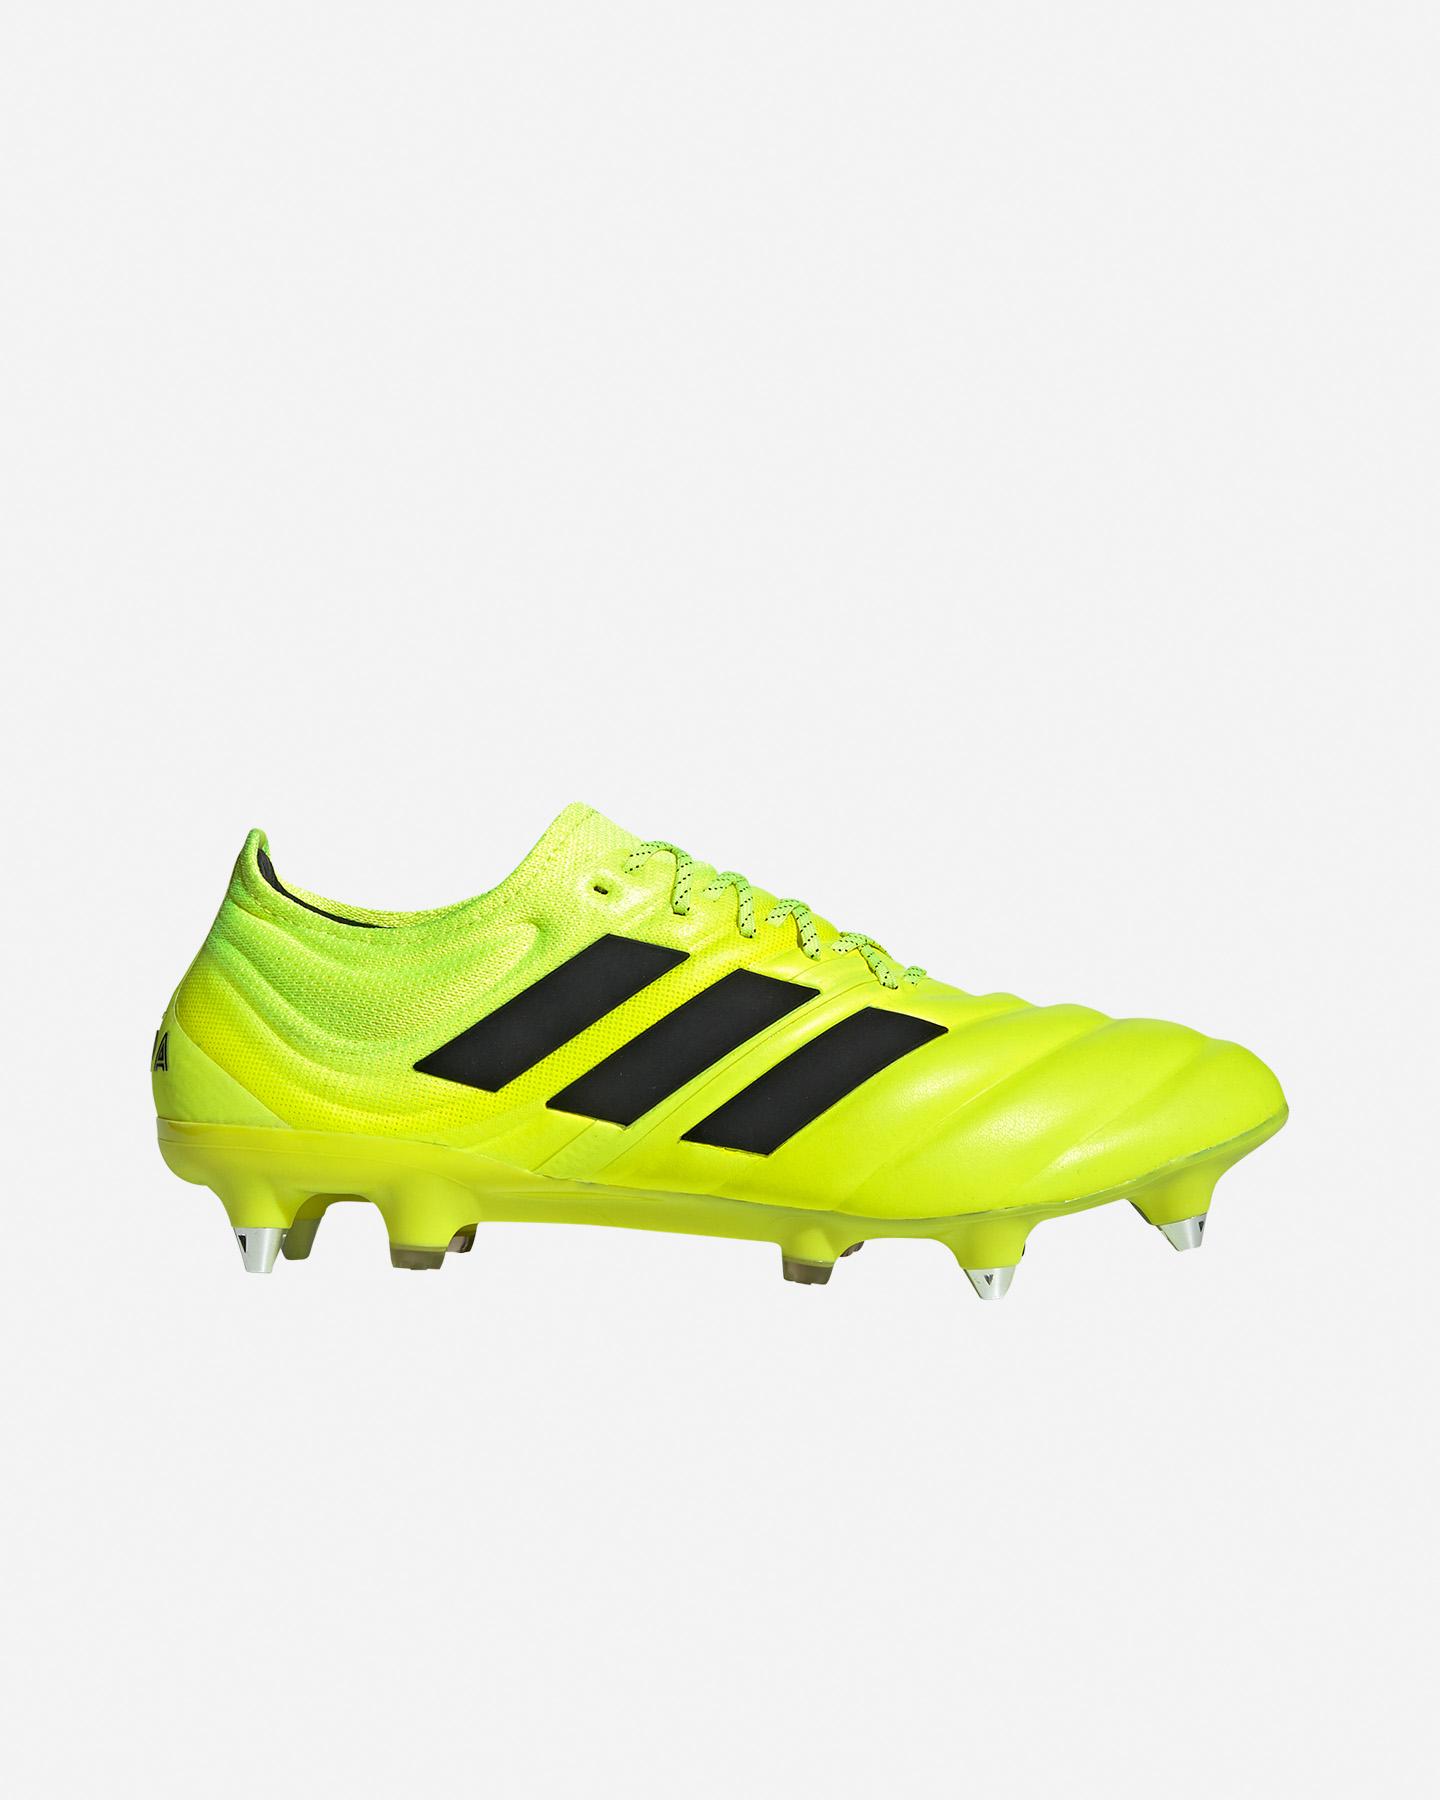 scarpe da calcio adidas tacchetti intercambiabili